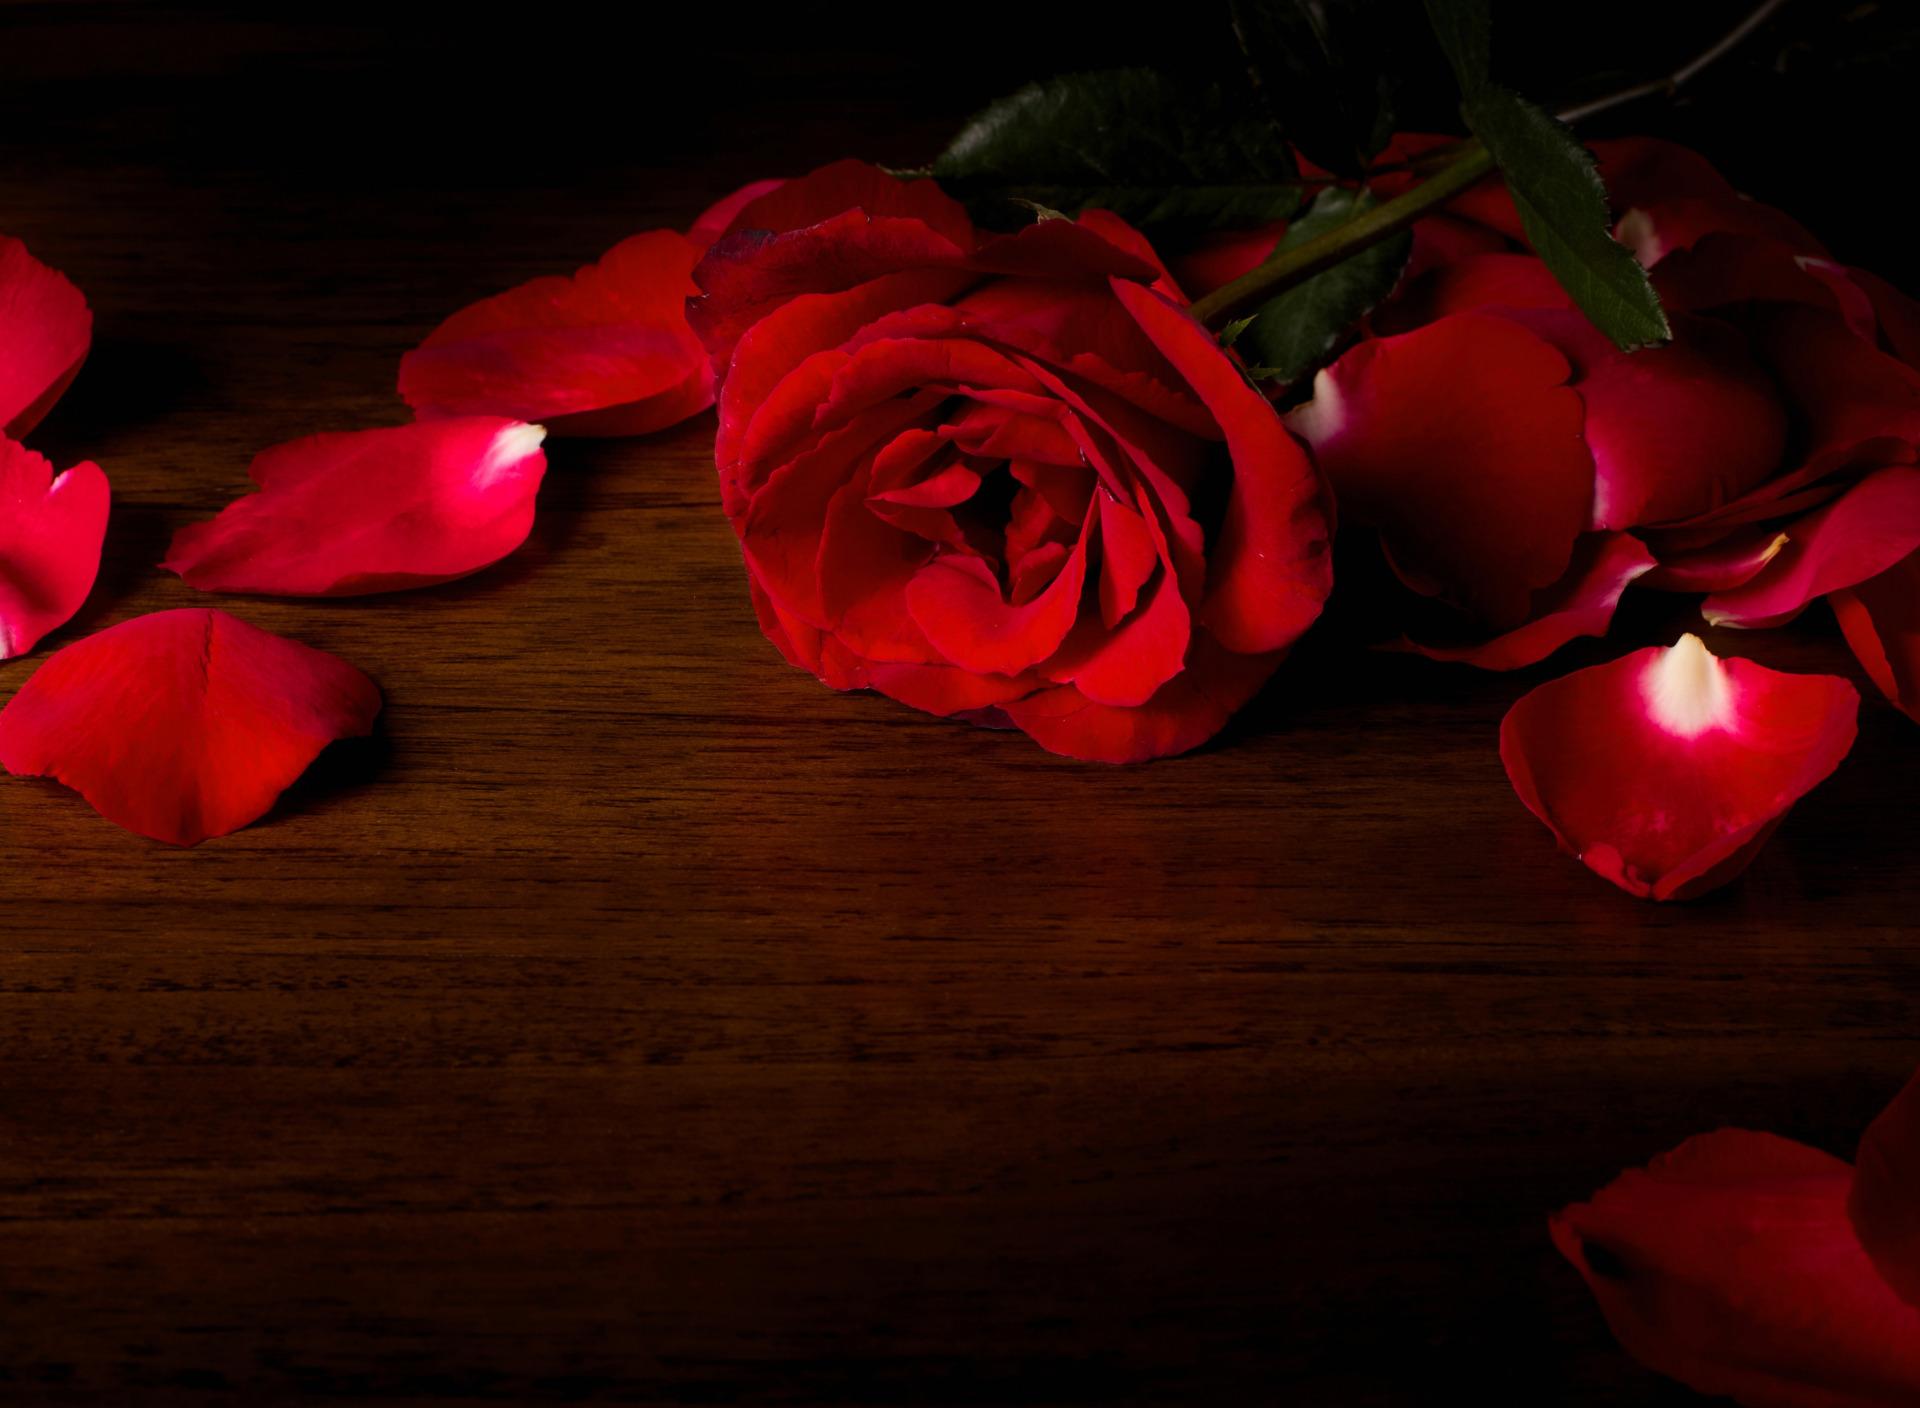 приема картинка роза на черном фоне с лепестками этого, болгарку